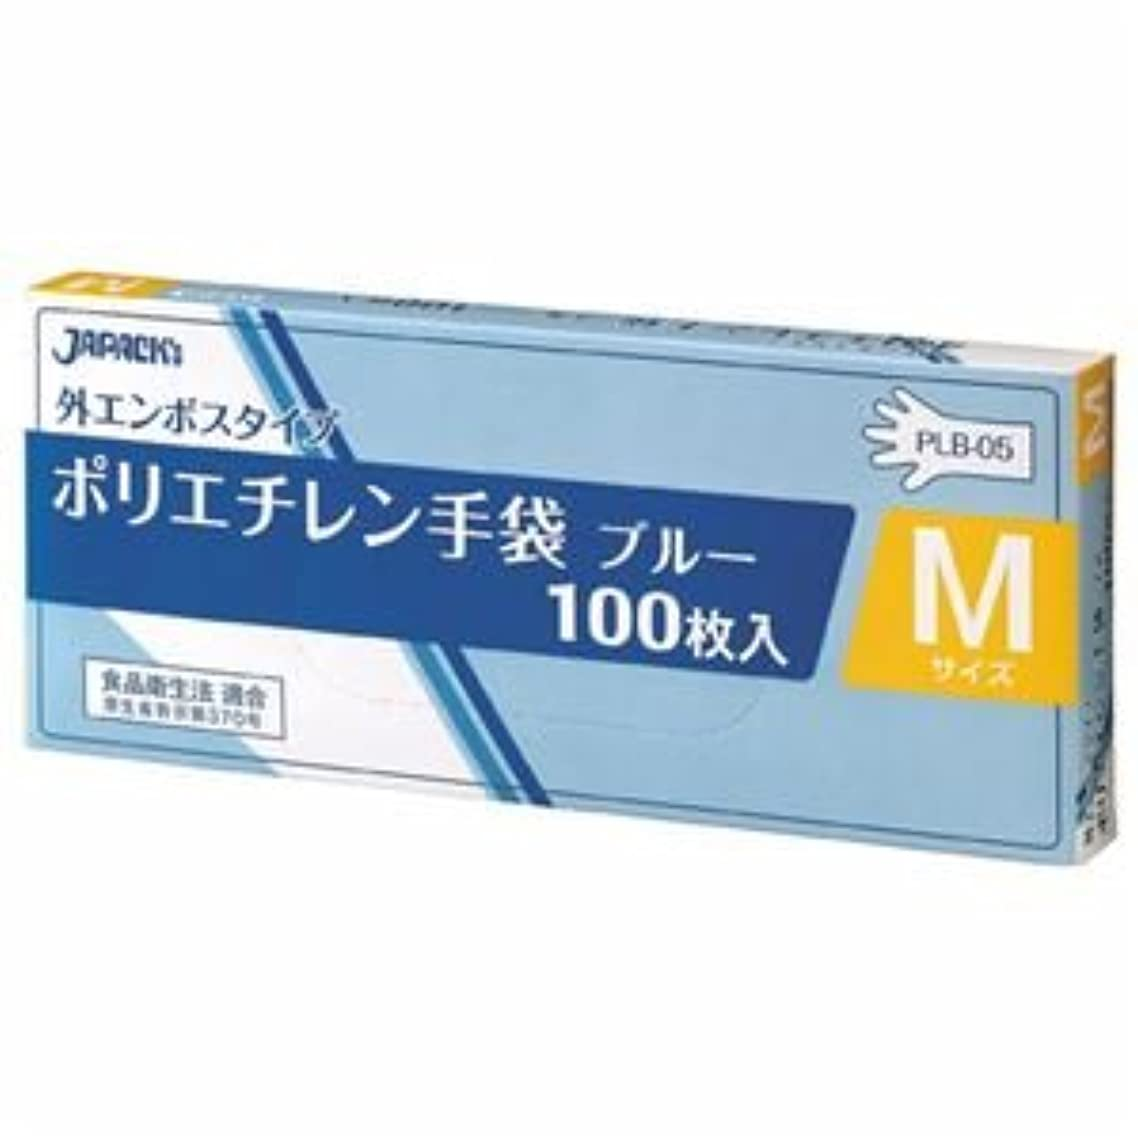 トン主観的物足りない(まとめ) ジャパックス 外エンボスLDポリ手袋BOX M 青 PLB05 1パック(100枚) 【×20セット】 ds-1583311